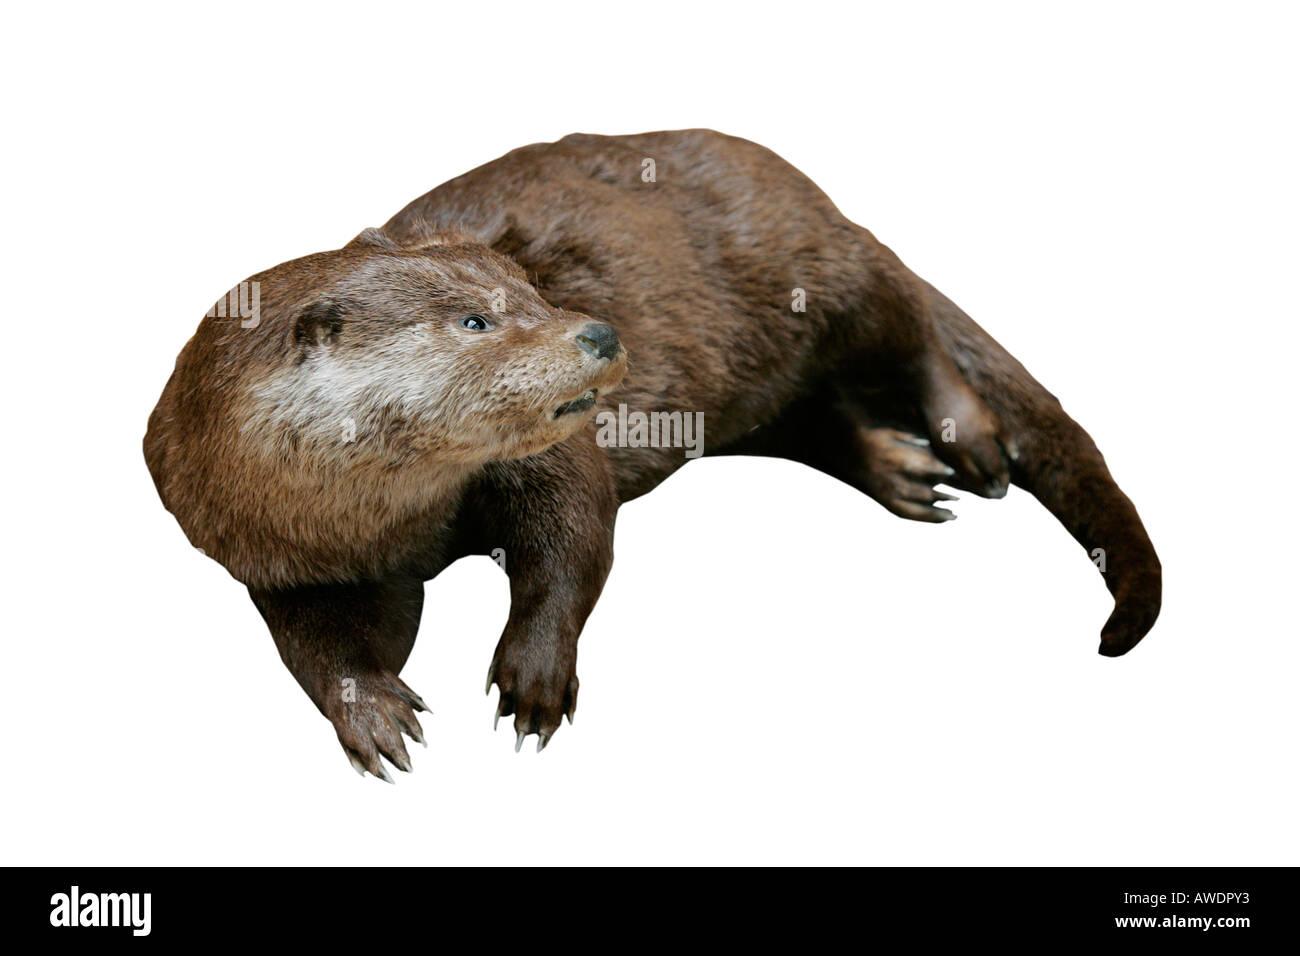 Otter Reconstruction Extinct Predator Ancient Model Exhibit Cut Out